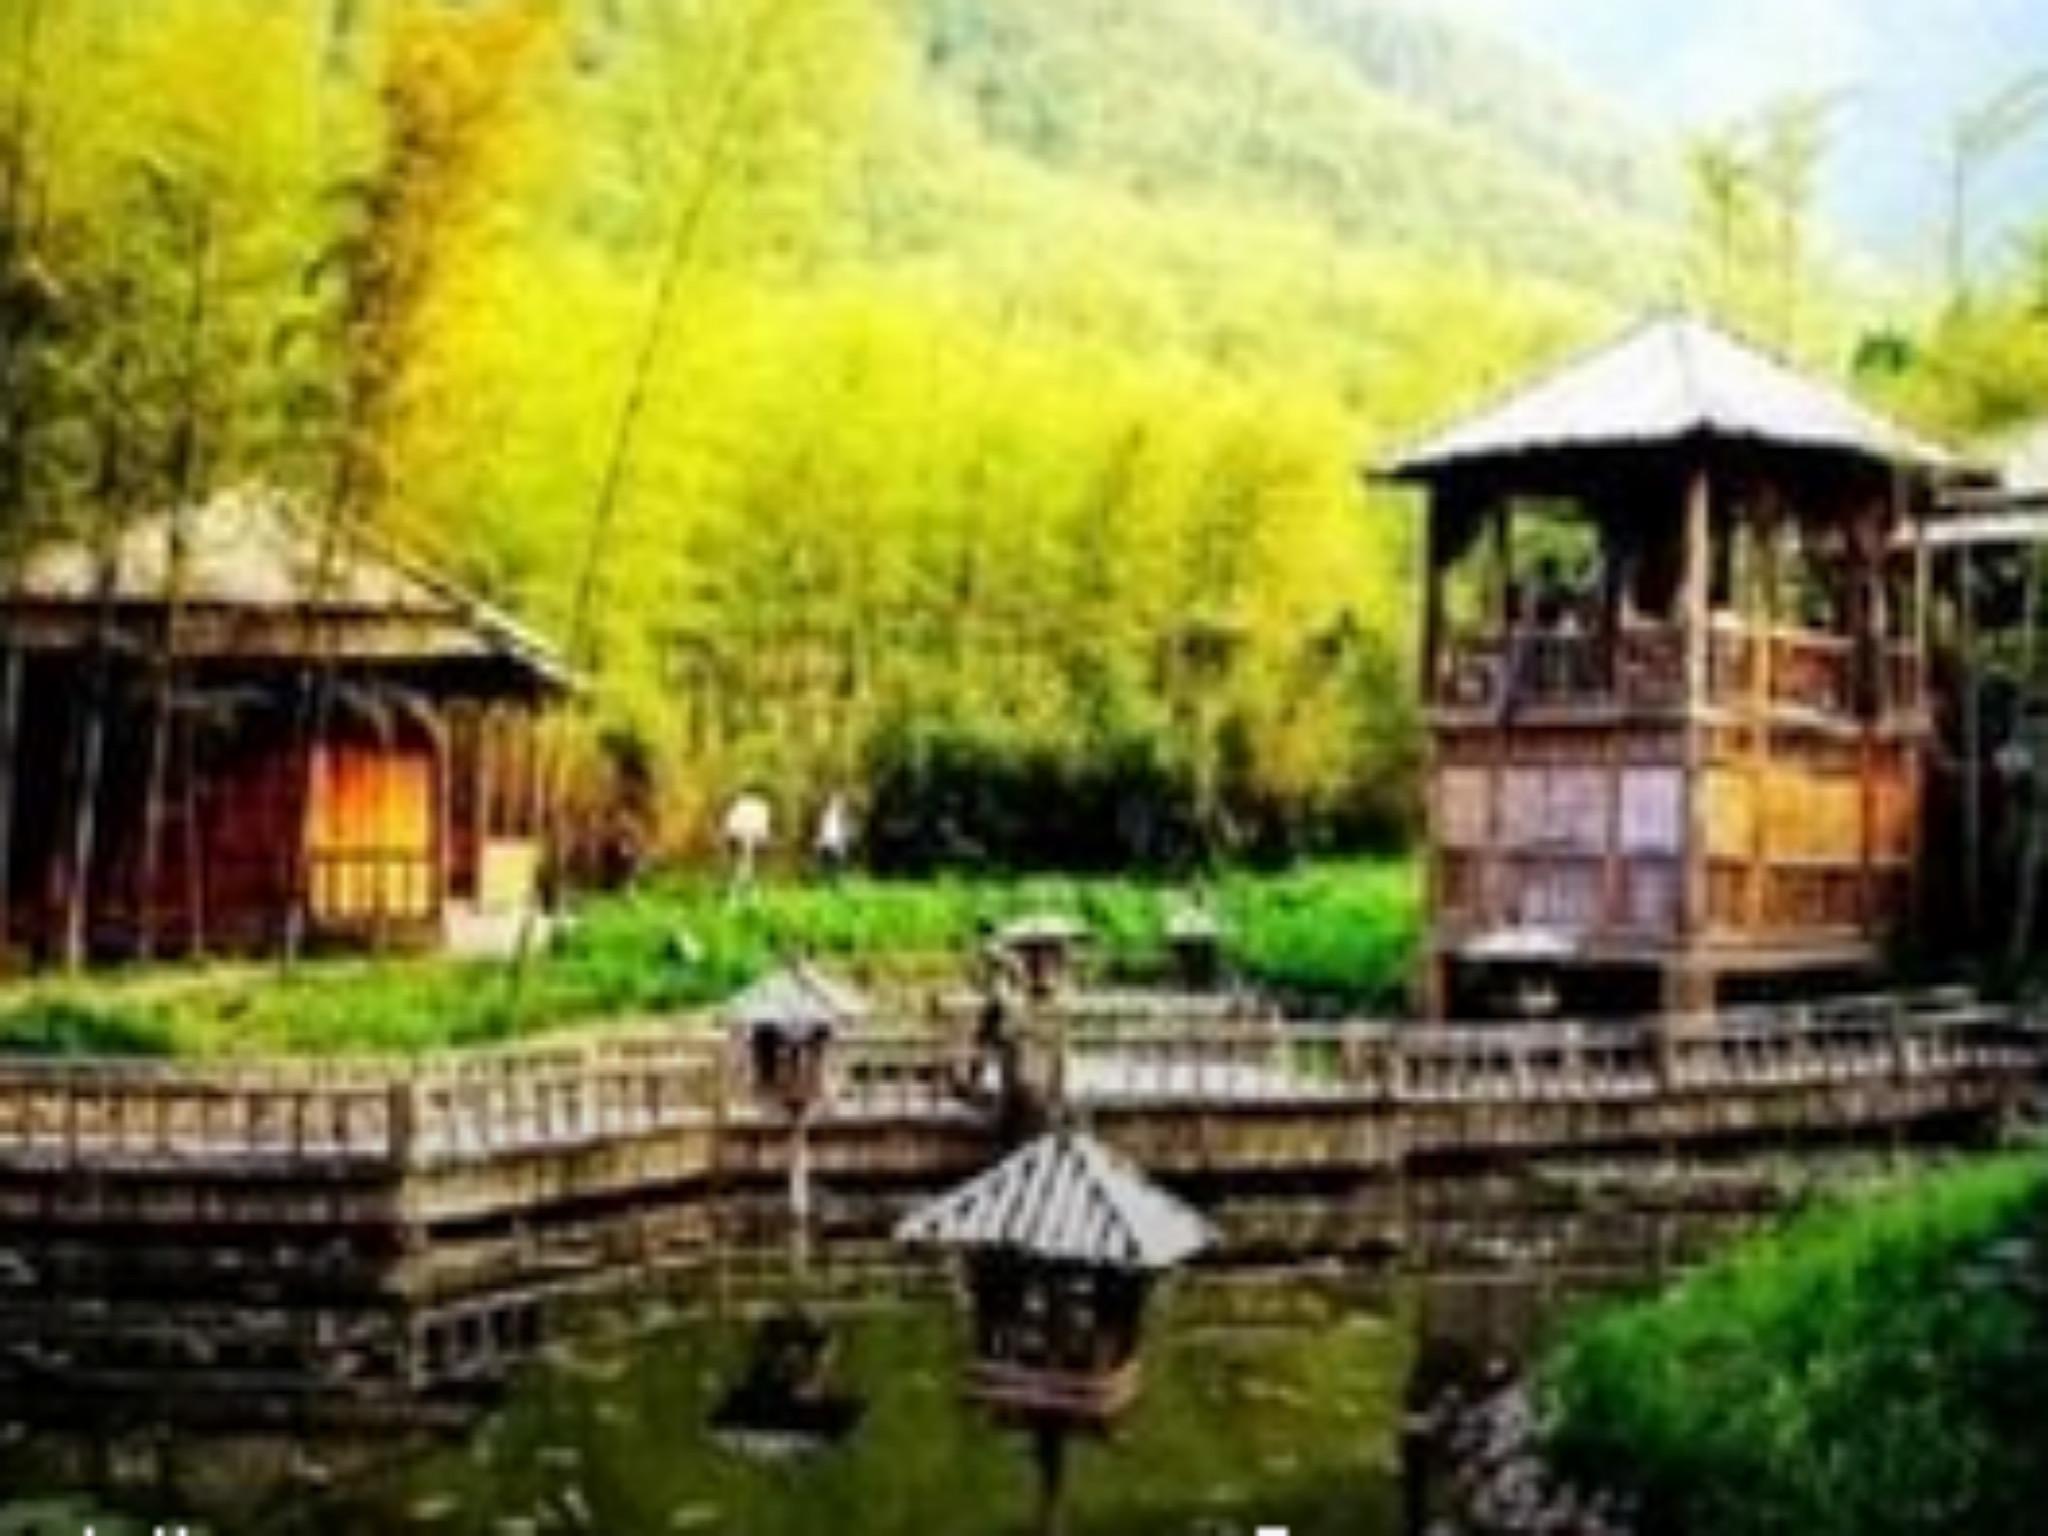 【春节】年夜饭安吉,涌泉水疗城温泉,南浔古镇,大年初一风景度假村2晚